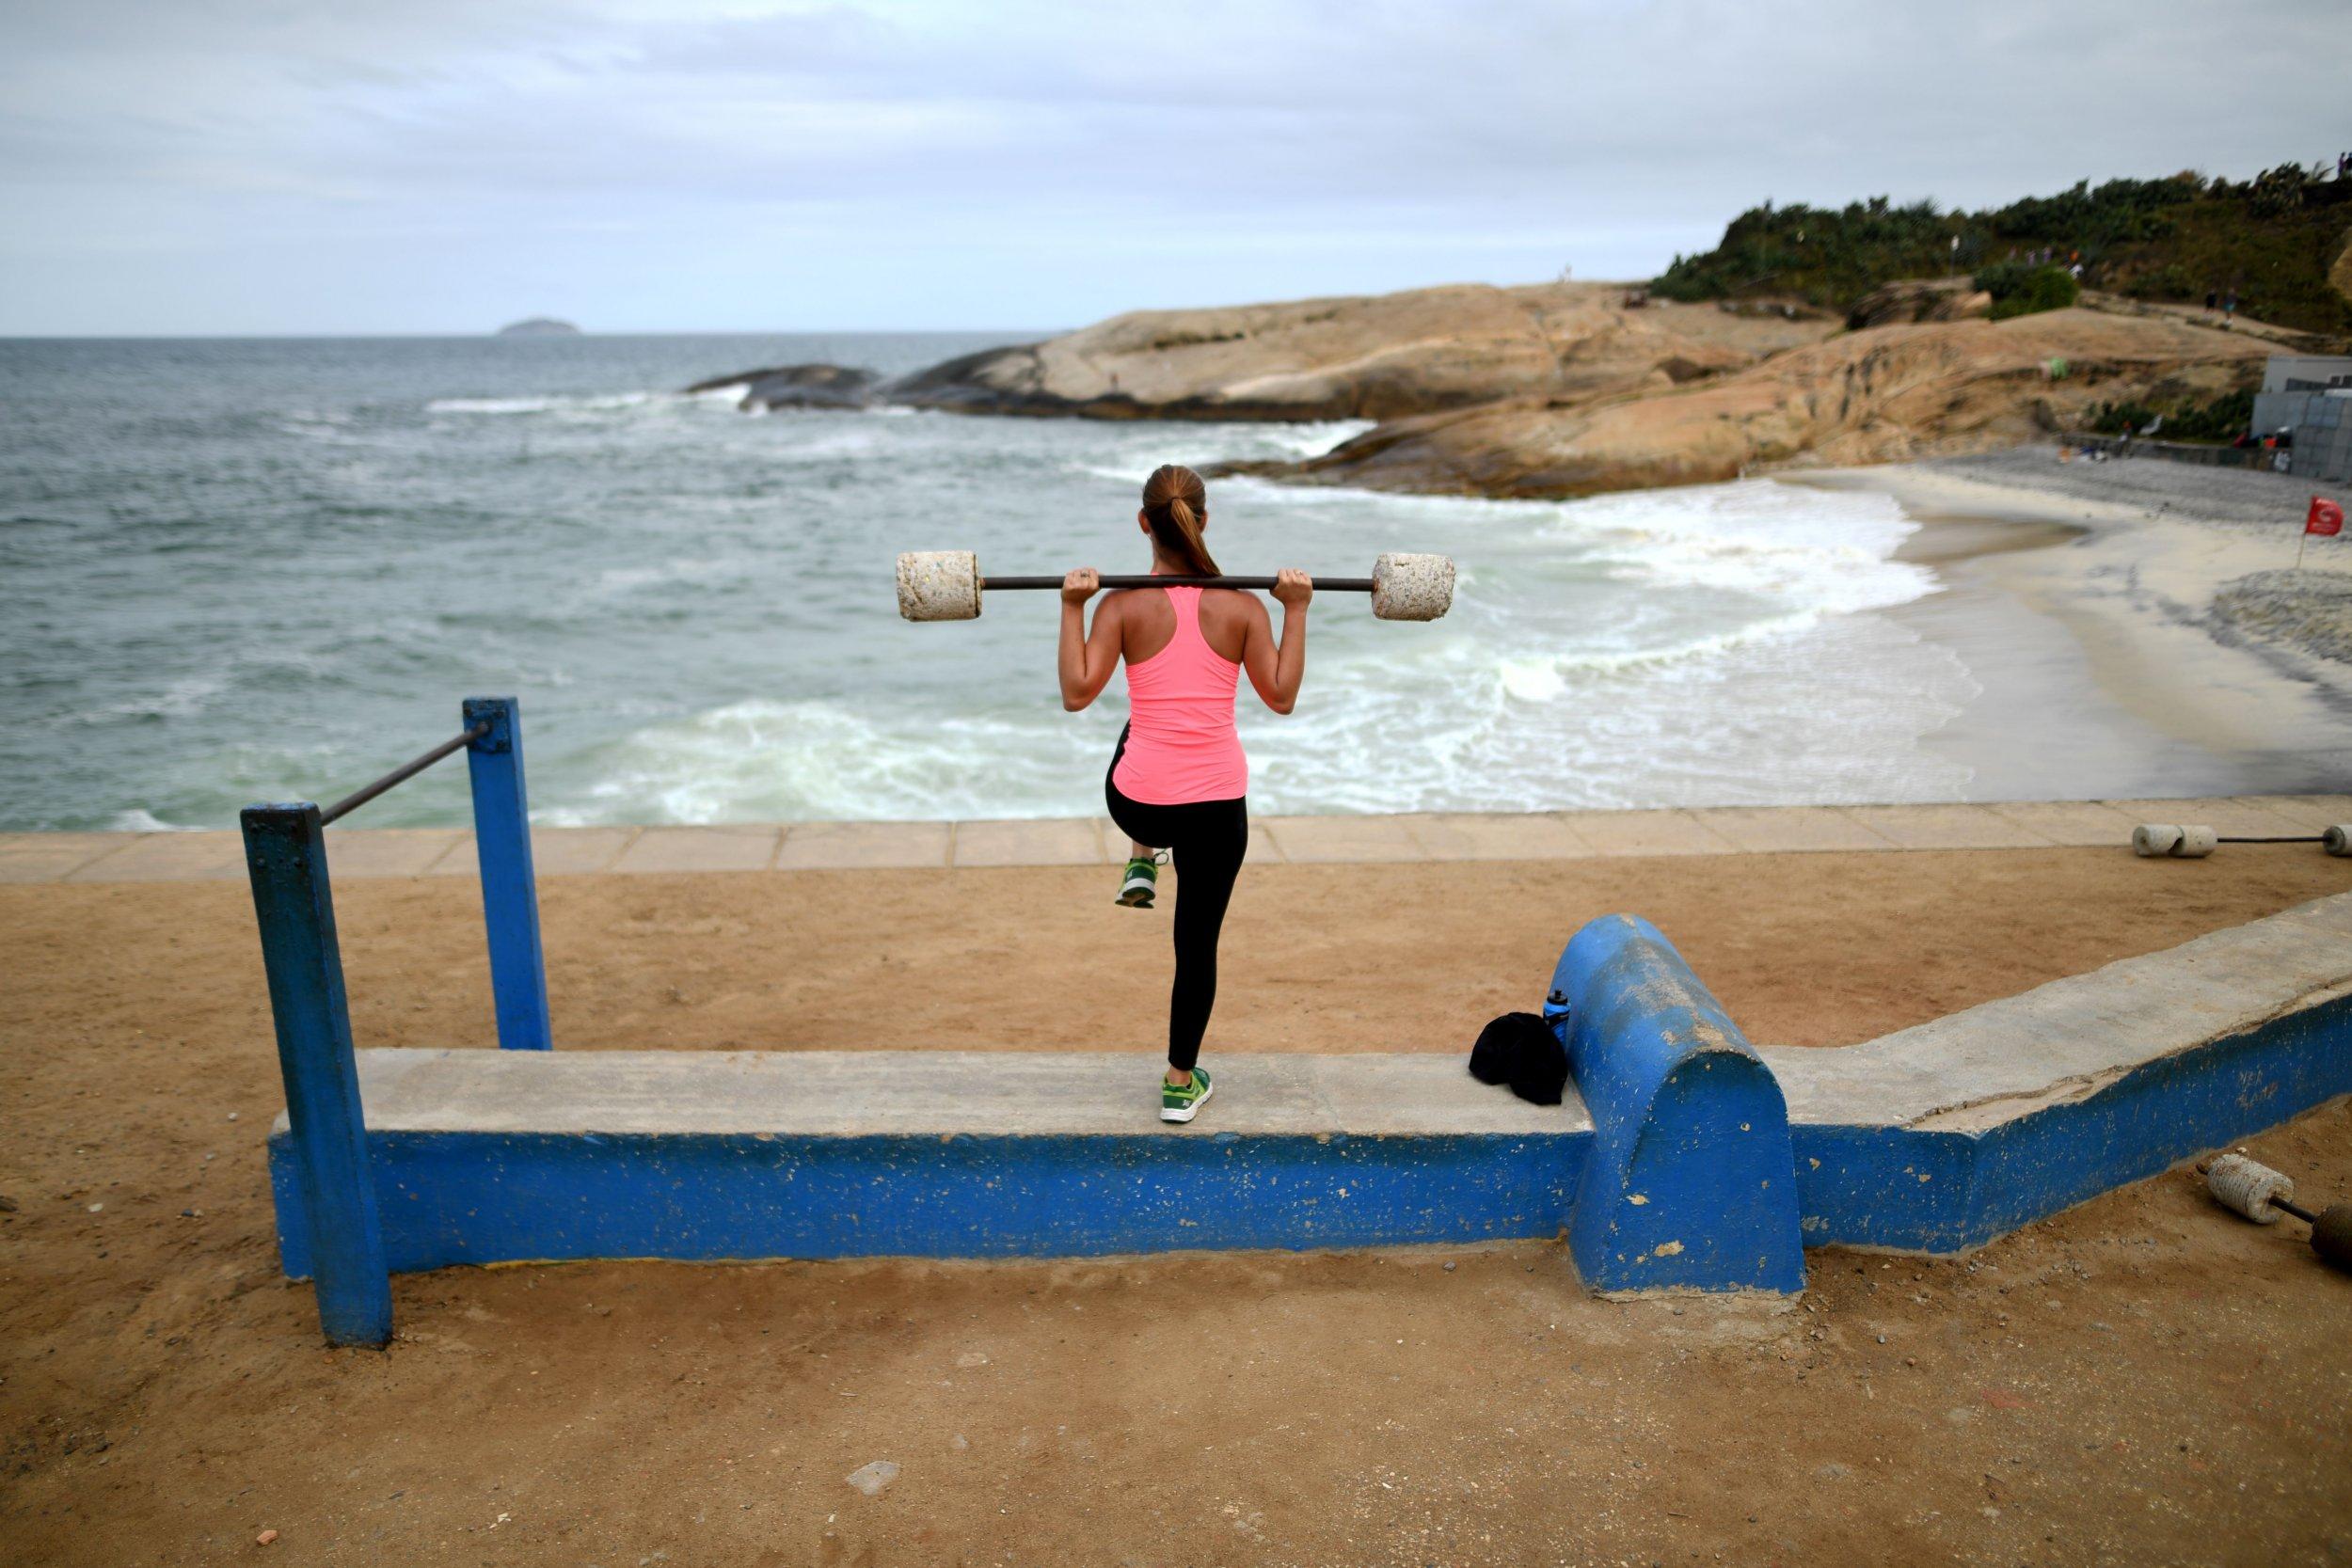 Woman Weights Beach